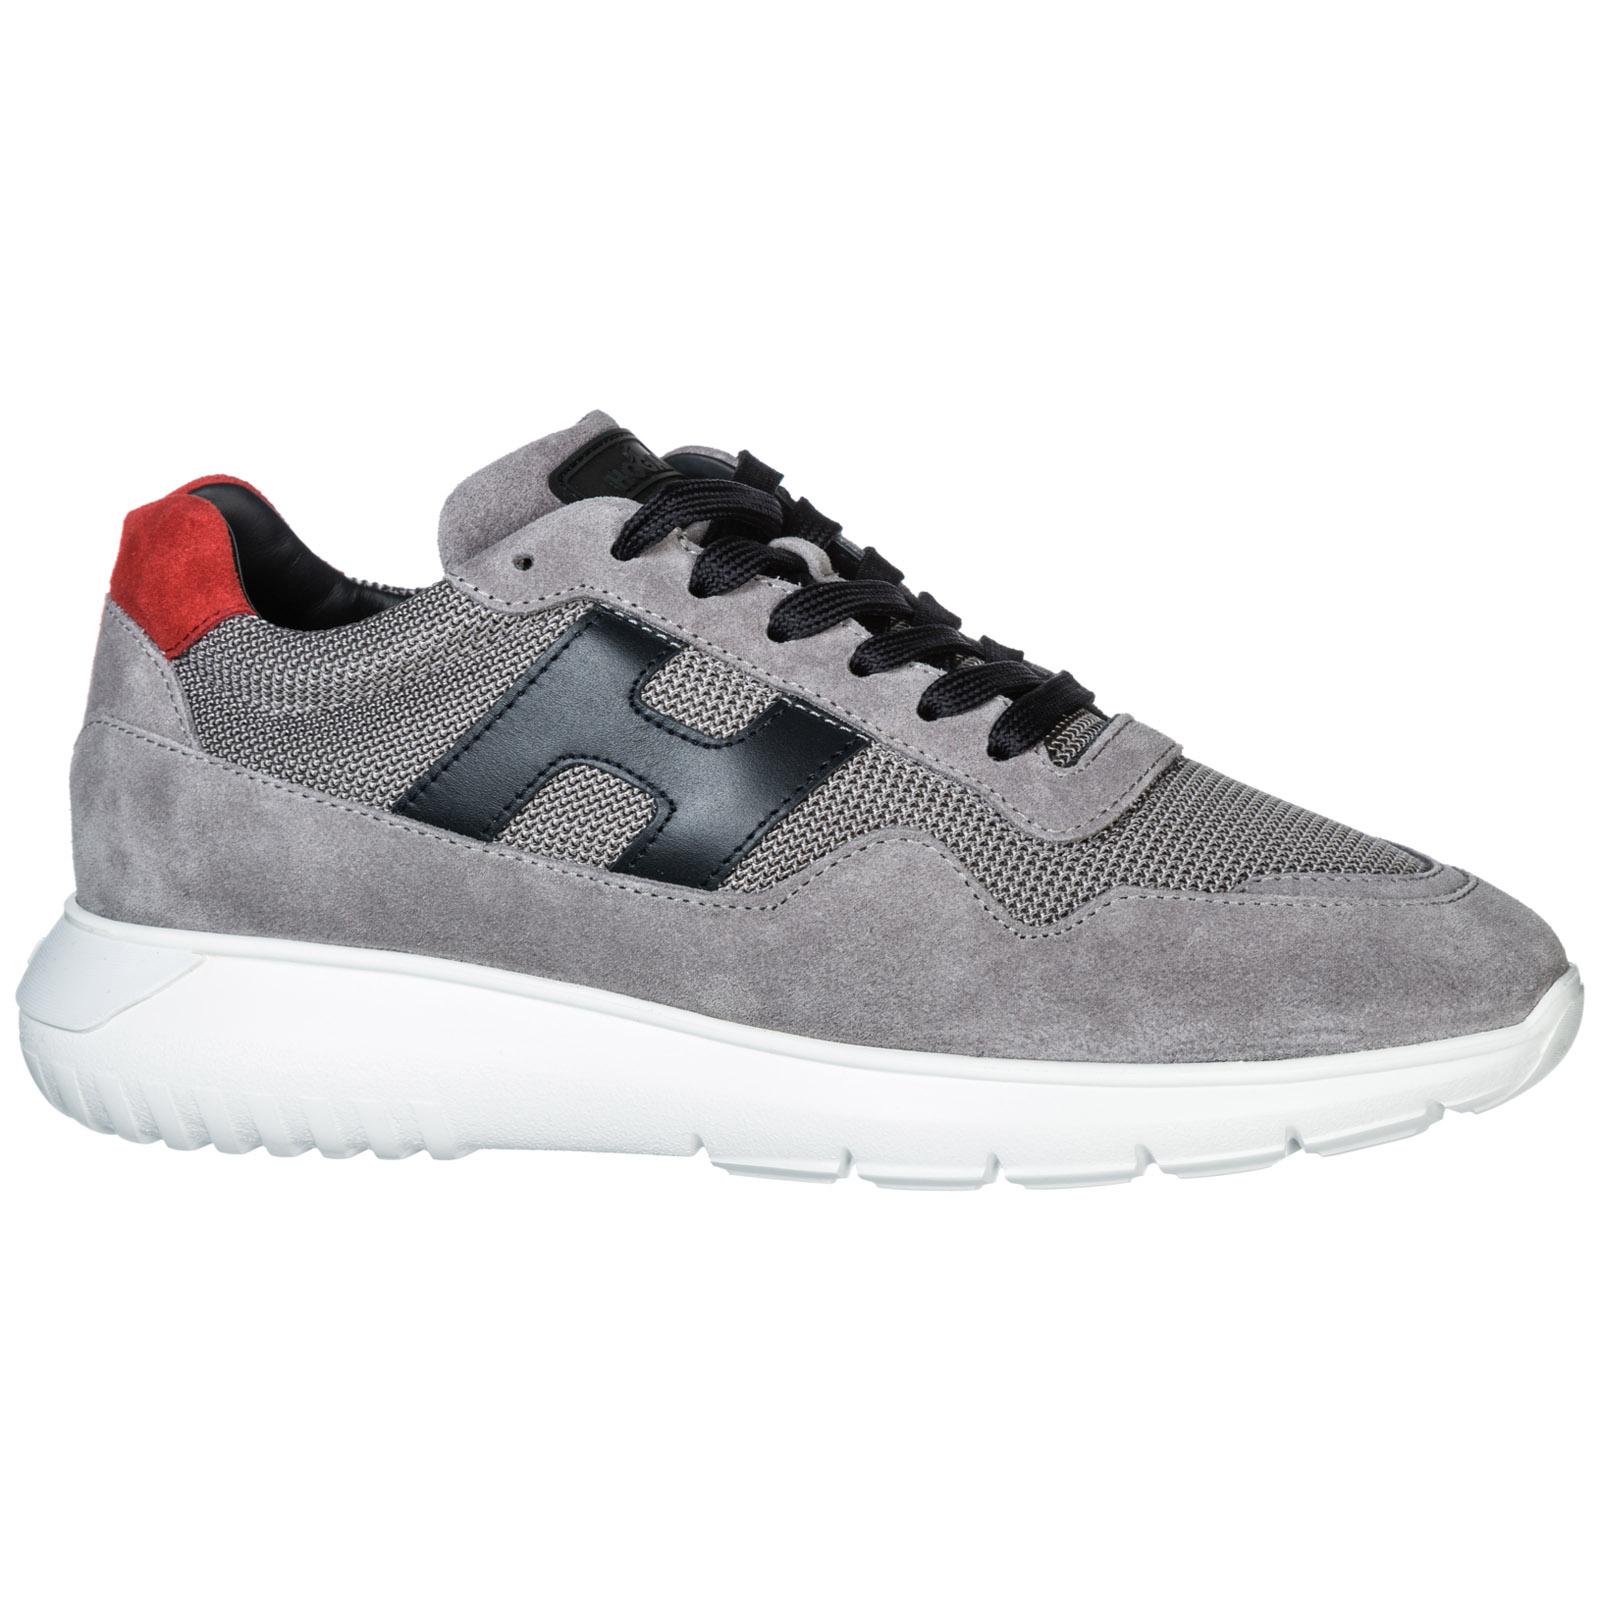 chaussures de séparation 40a53 9e227 Chaussures baskets sneakers homme en daim interactive3